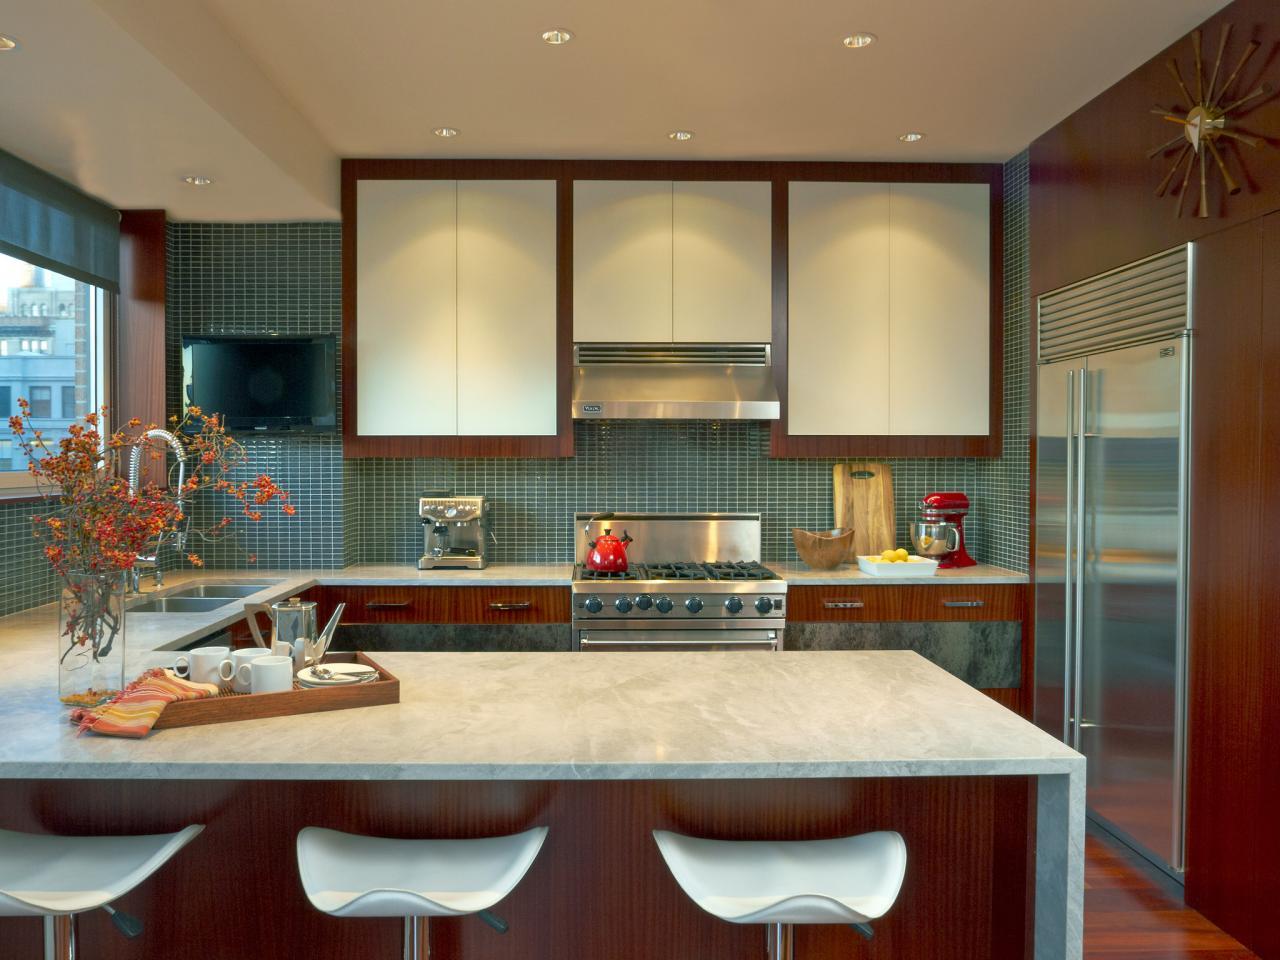 marble kitchen countertops FXRSAKV